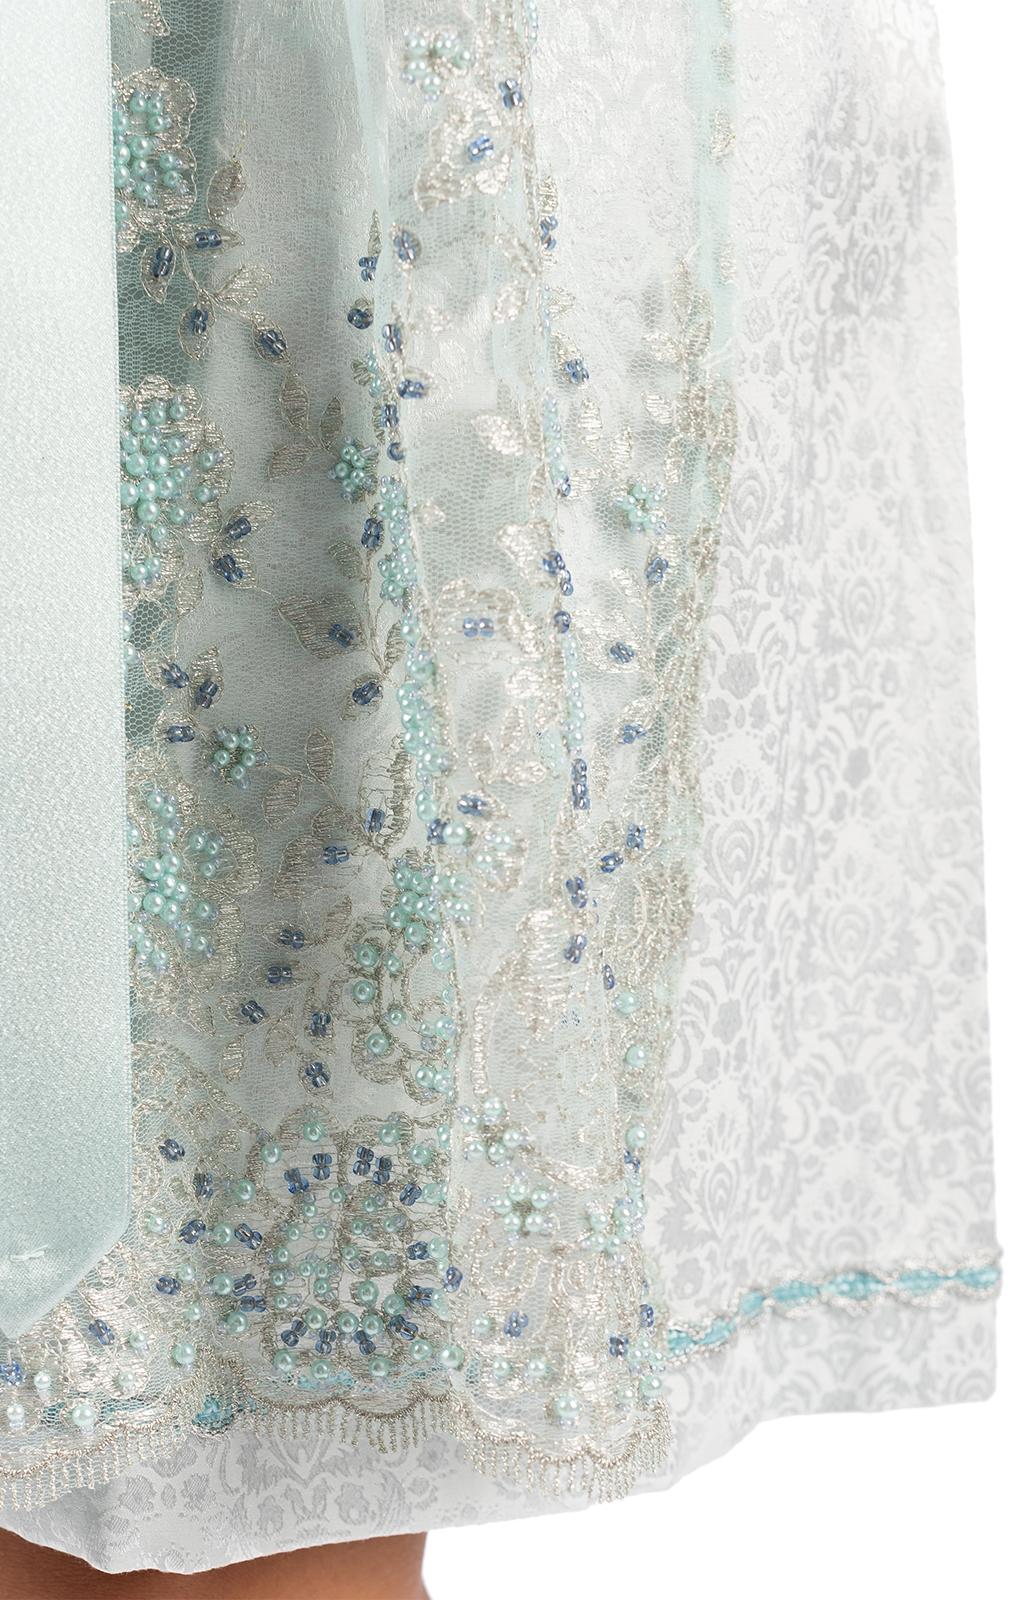 weitere Bilder von Midi Dirndl 2pz. 65 cm GULIA blu ghiaccio